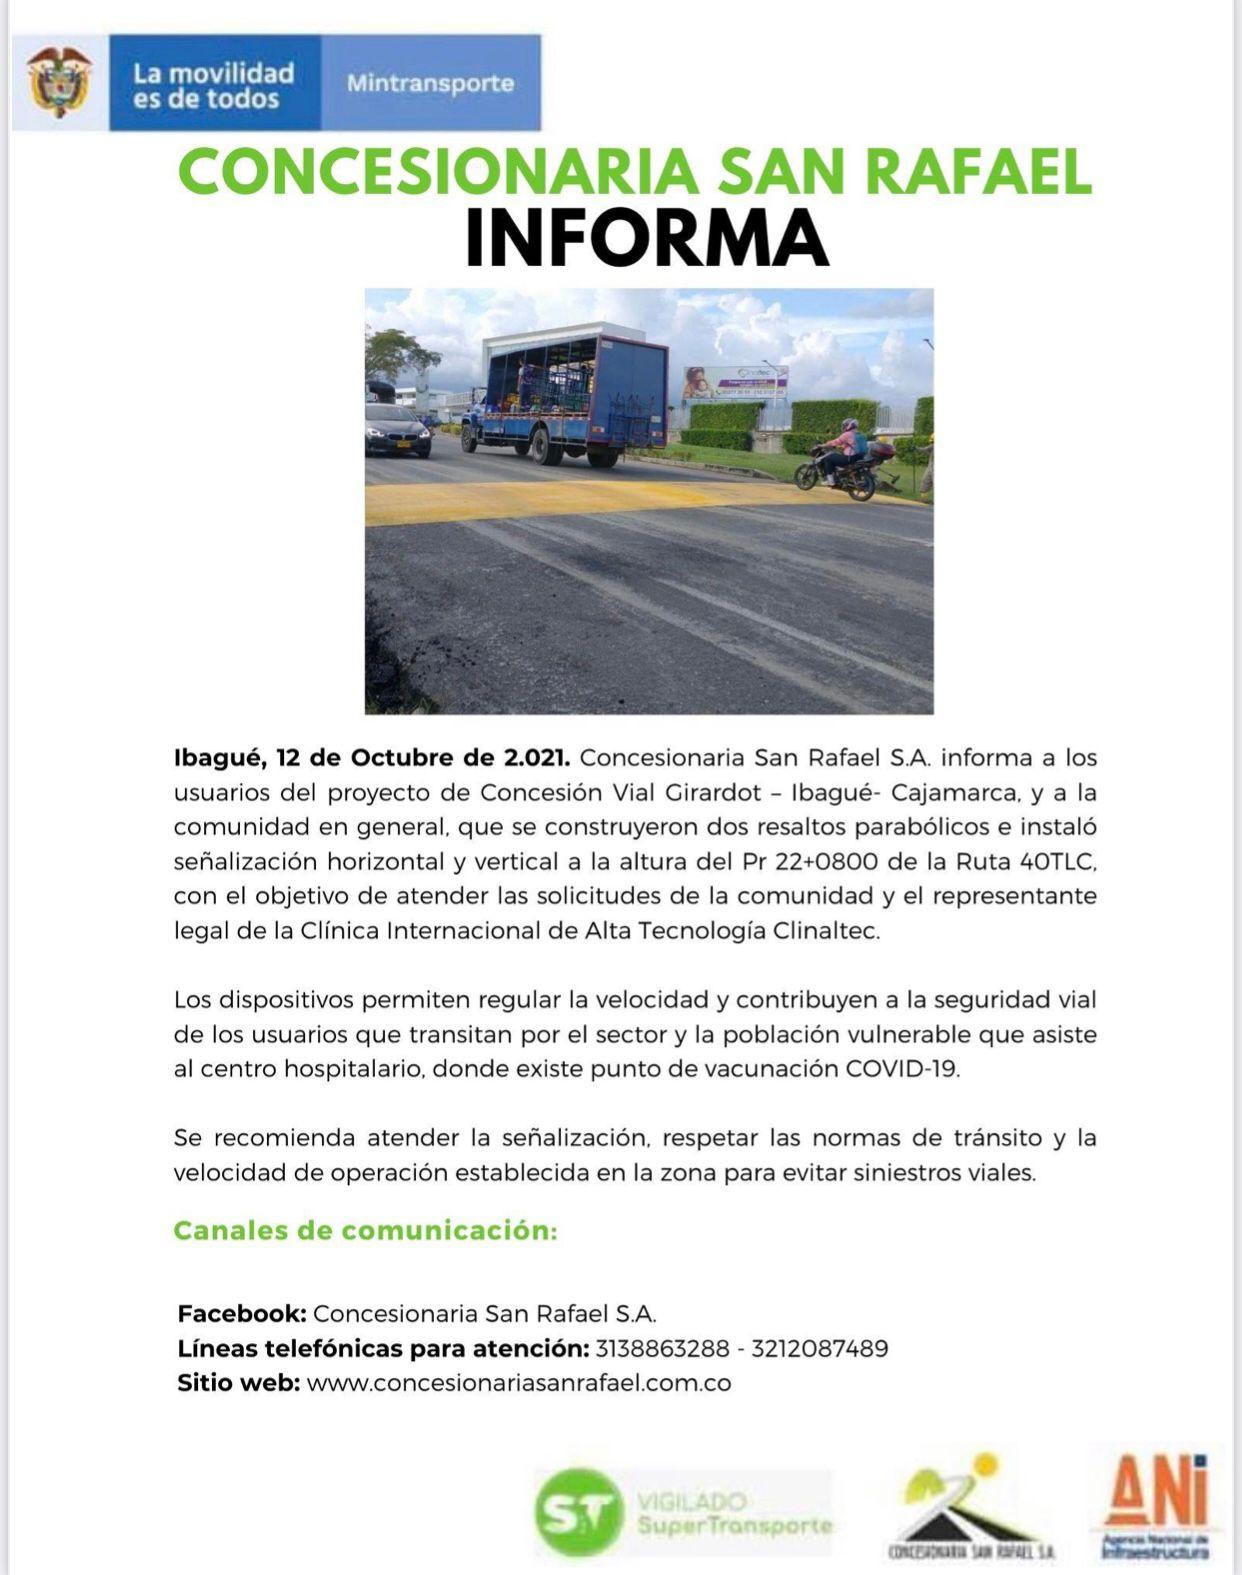 Instalan reductores de velocidad frente a Clinaltec   ELOLFATO.COM -  Noticias de Ibagué y Tolima